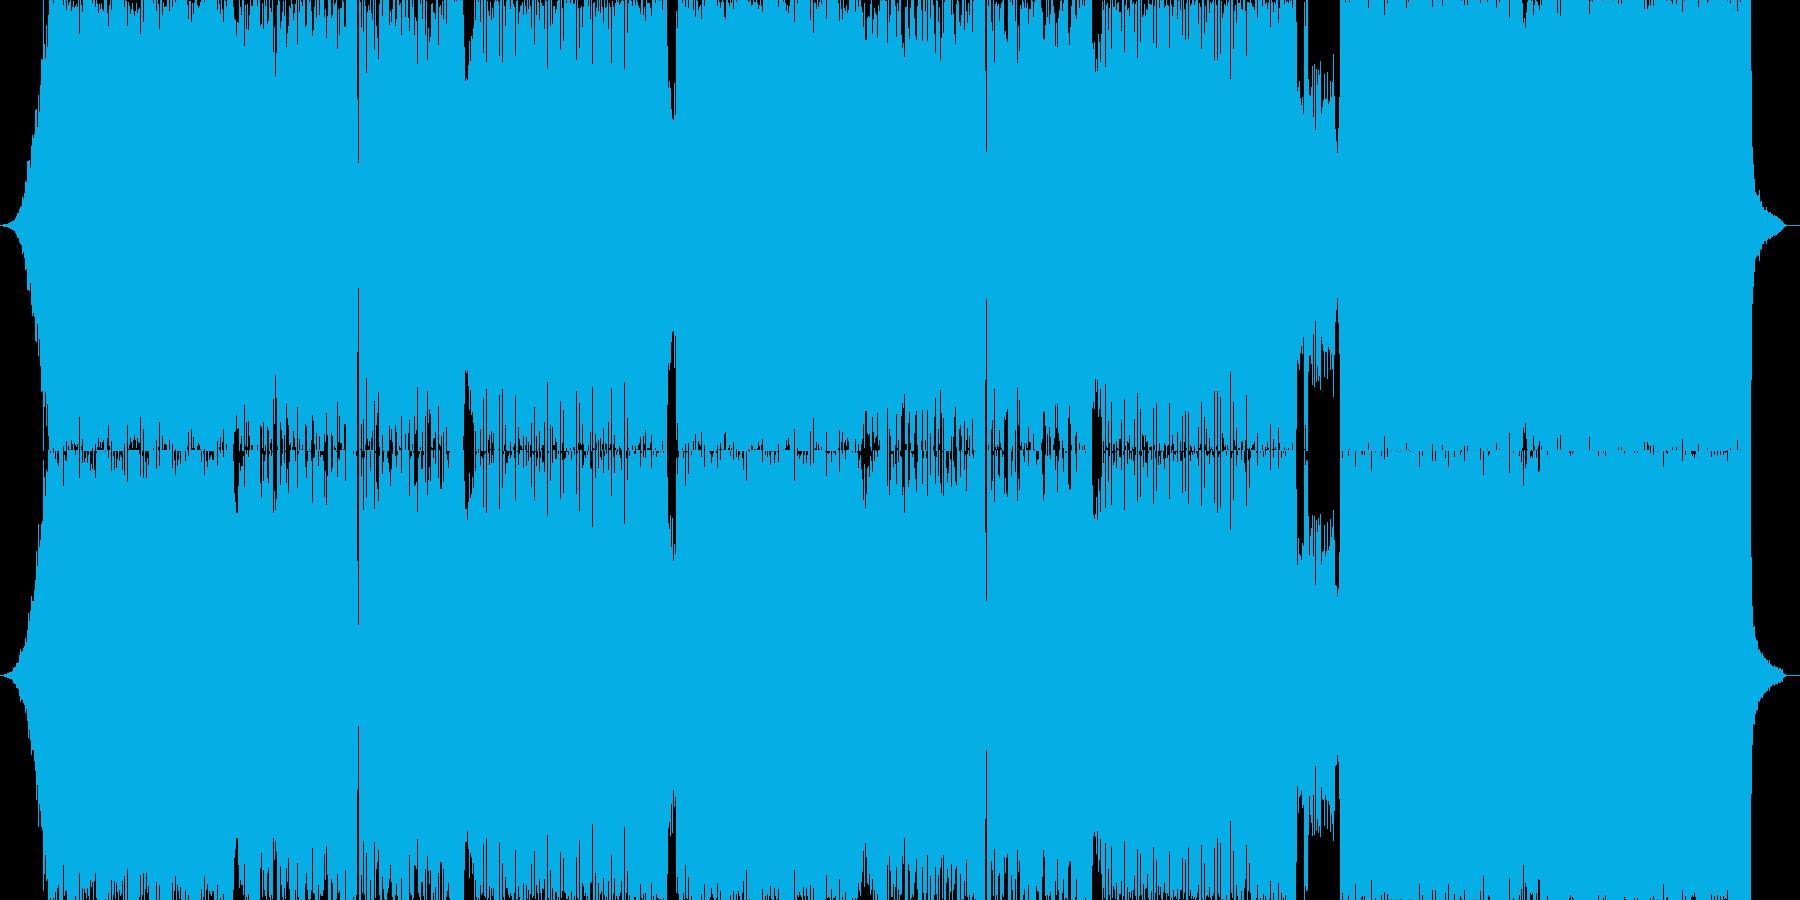 ハードロックとダンスミュージックの融合の再生済みの波形